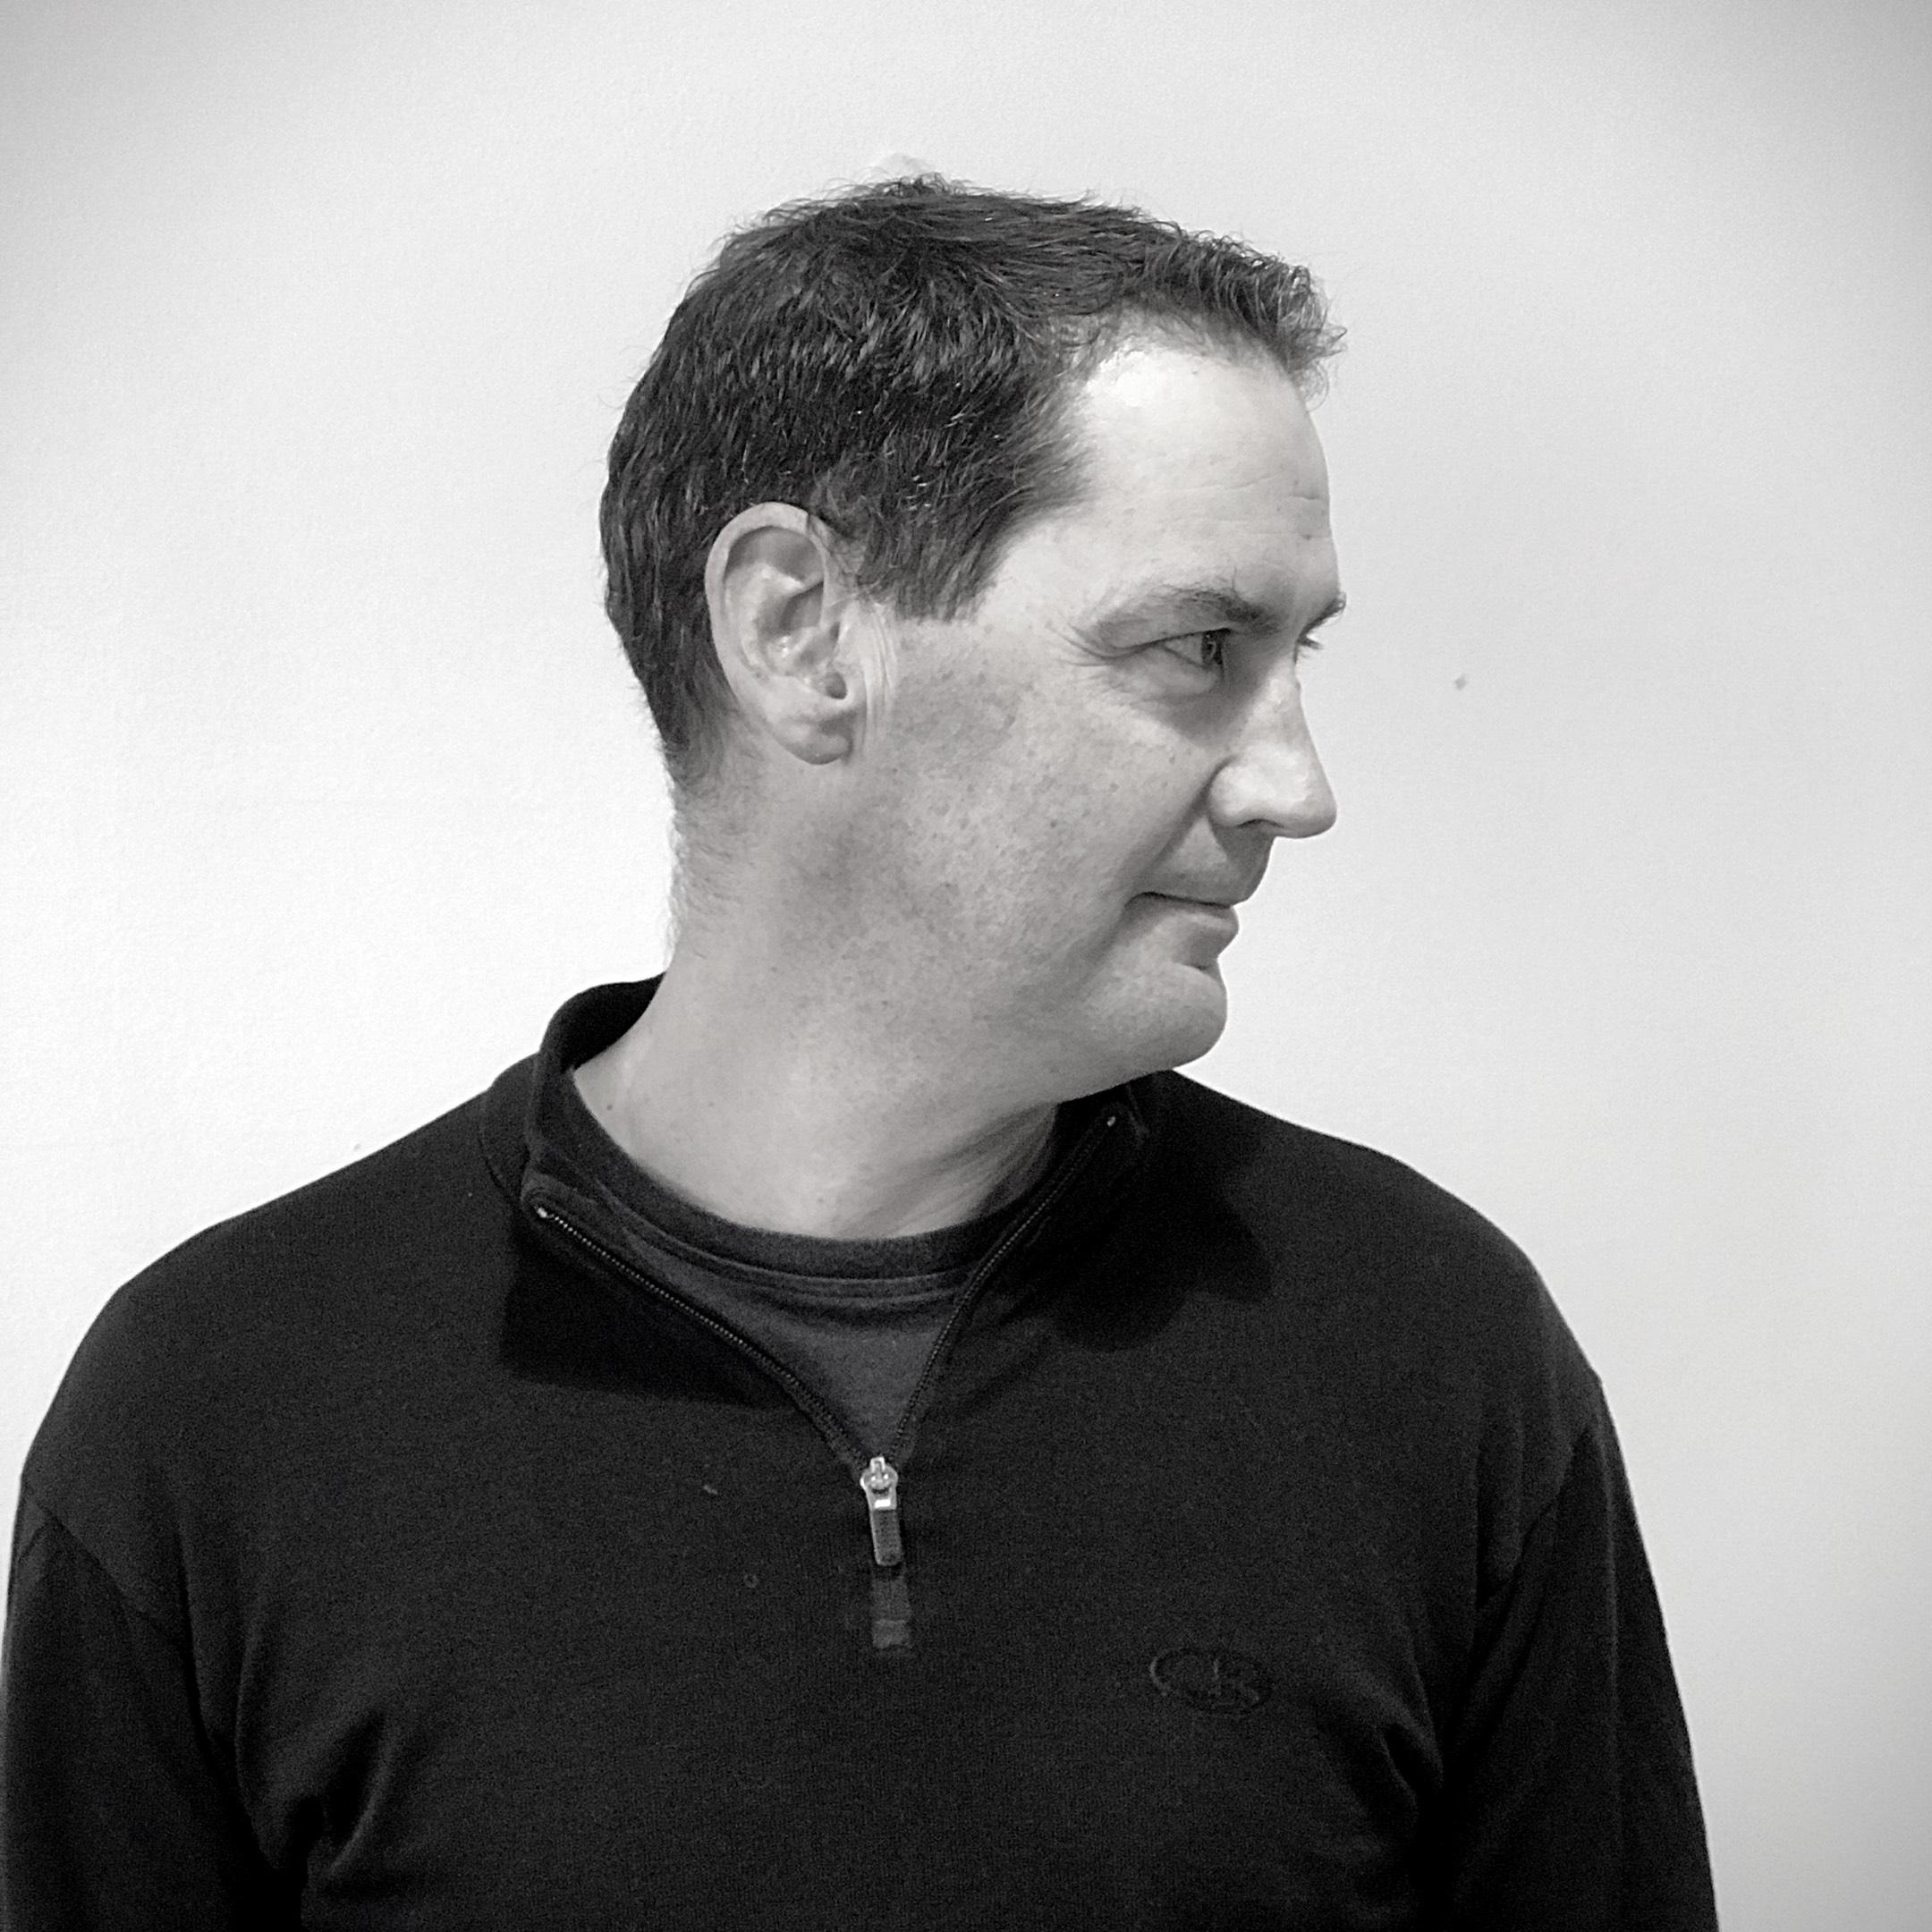 Paul Mahar 2